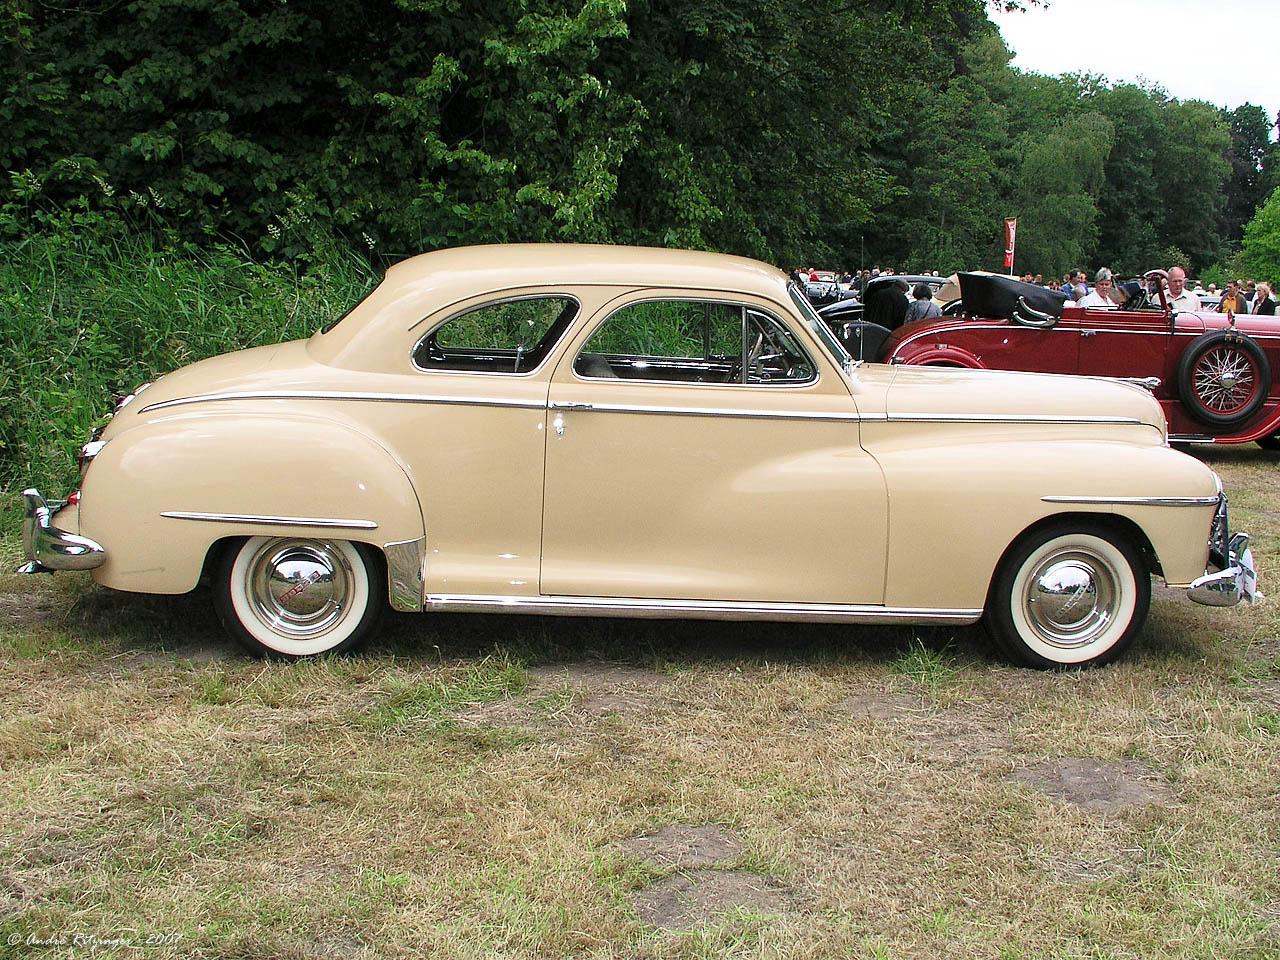 Paint Wheels dodge d24 1948 - General Discussion - Antique ...